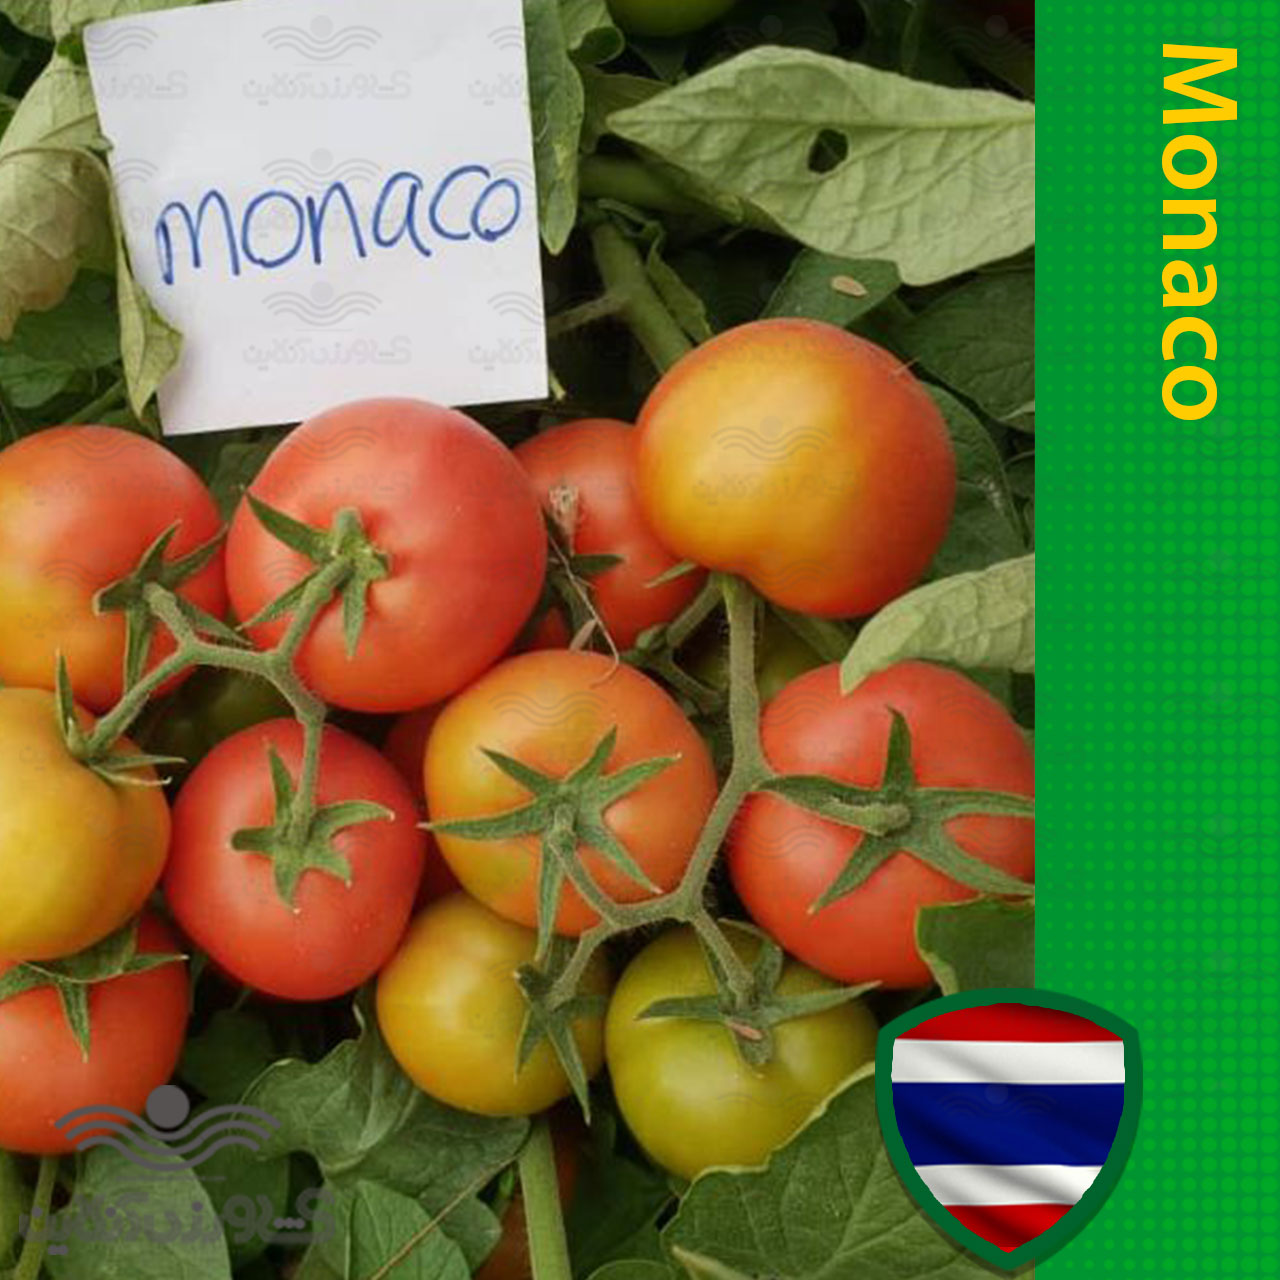 بذر گوجه فرنگی موناکو خانگی